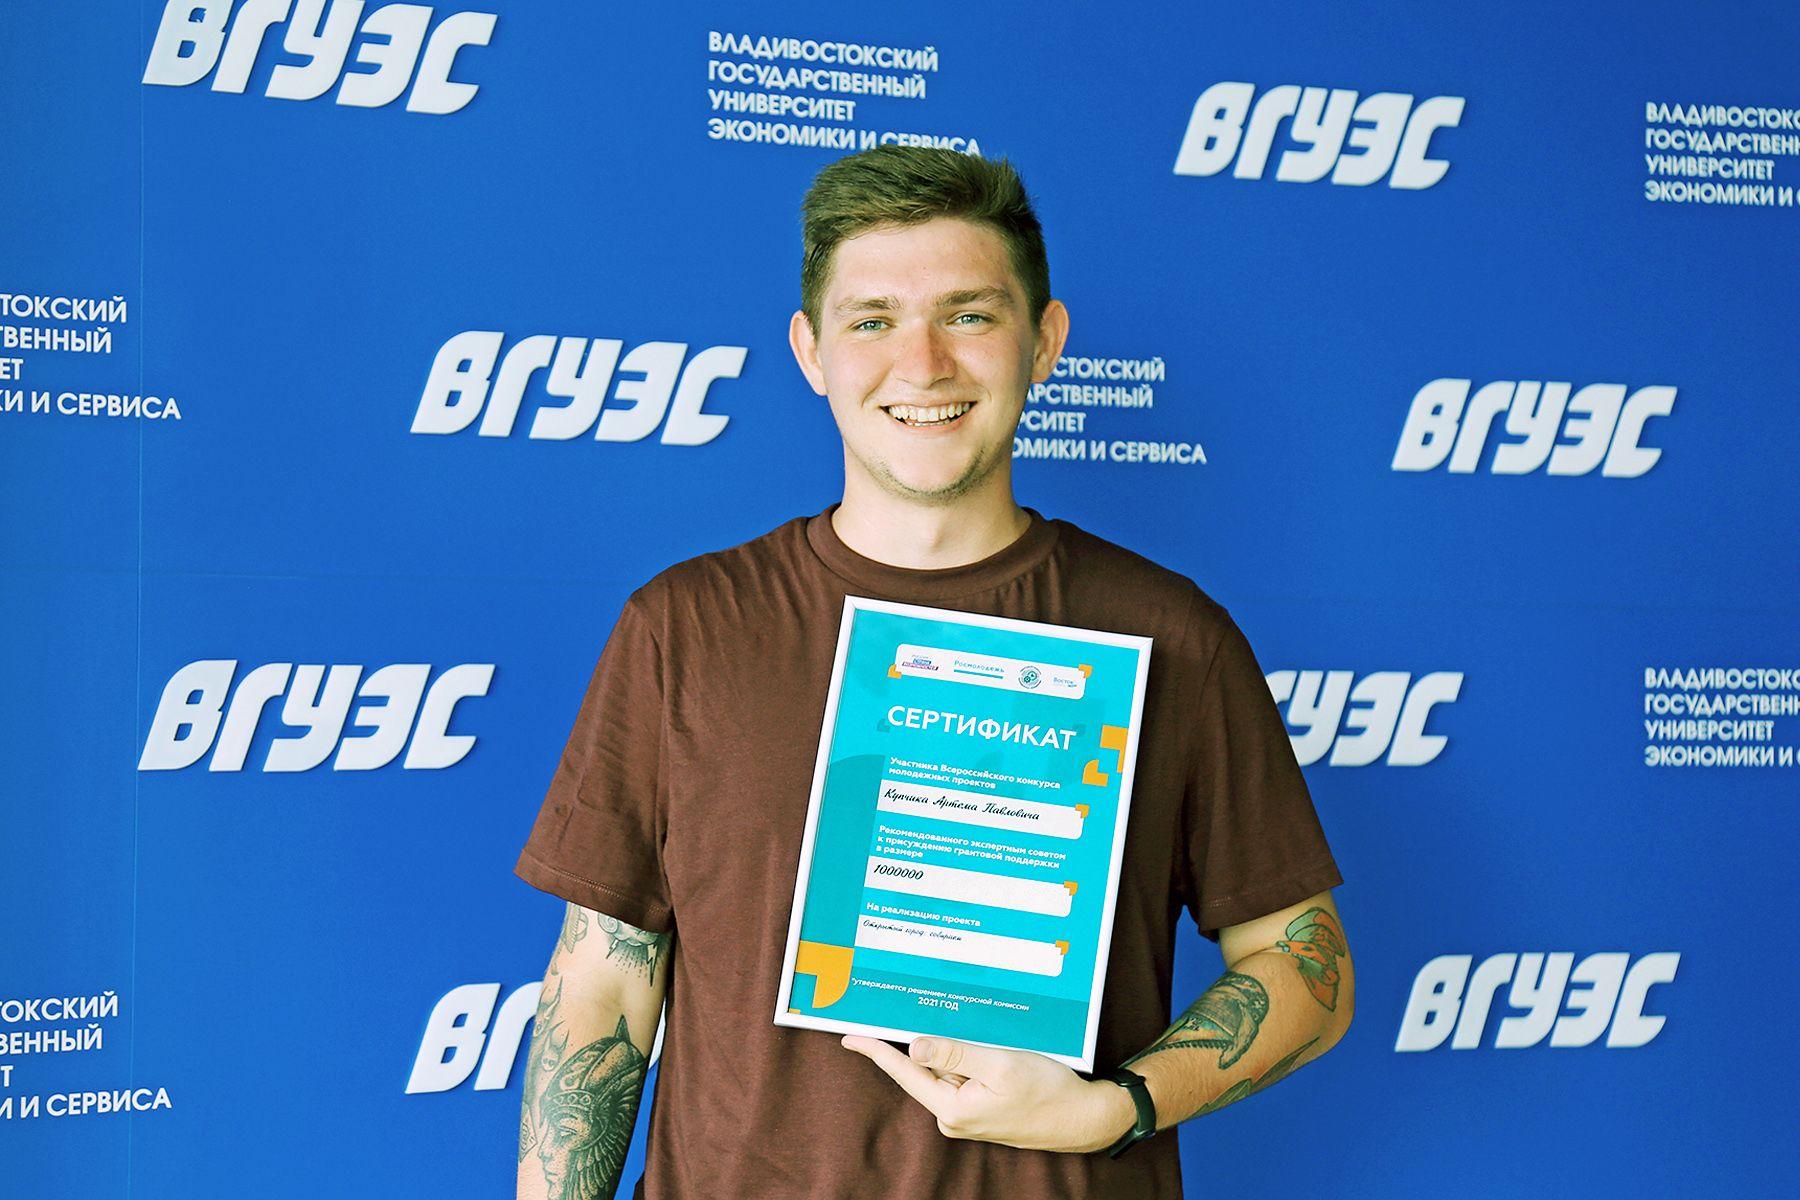 Бакалавр ВГУЭС Артем Купчик выиграл грант в размере 1 млн рублей на реализацию социально значимого проекта